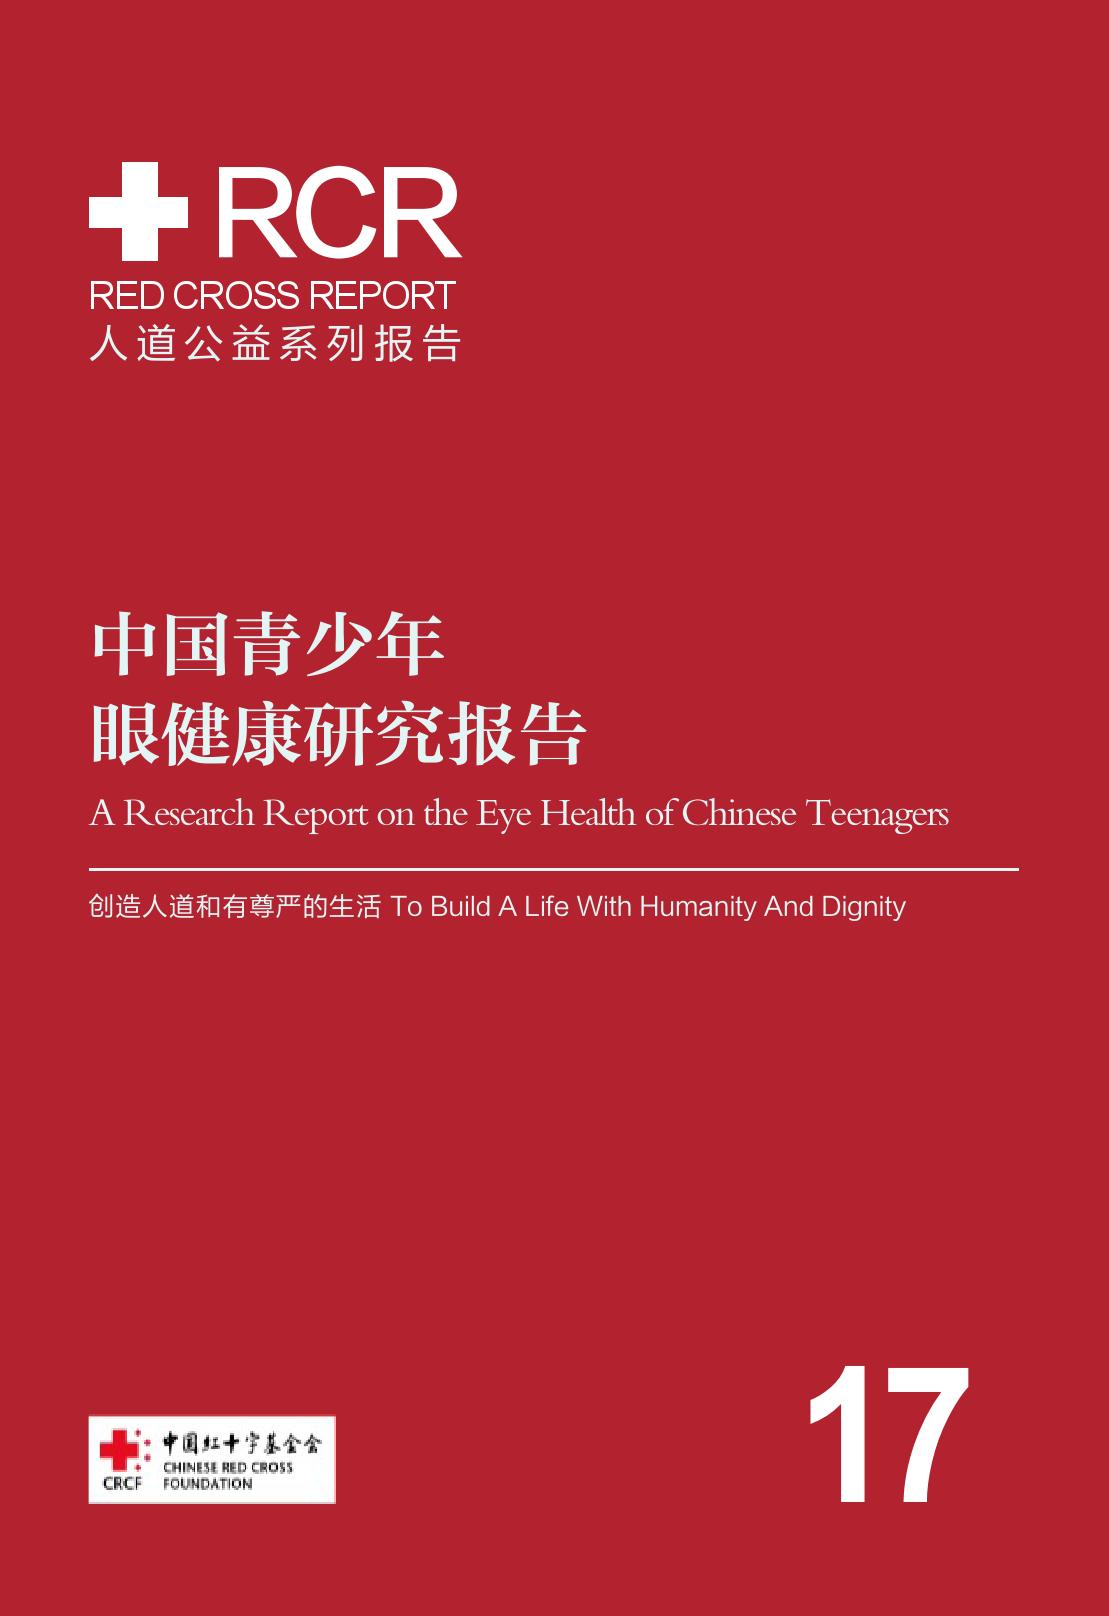 中国红十字基金会:中国青少年眼健康研究报告